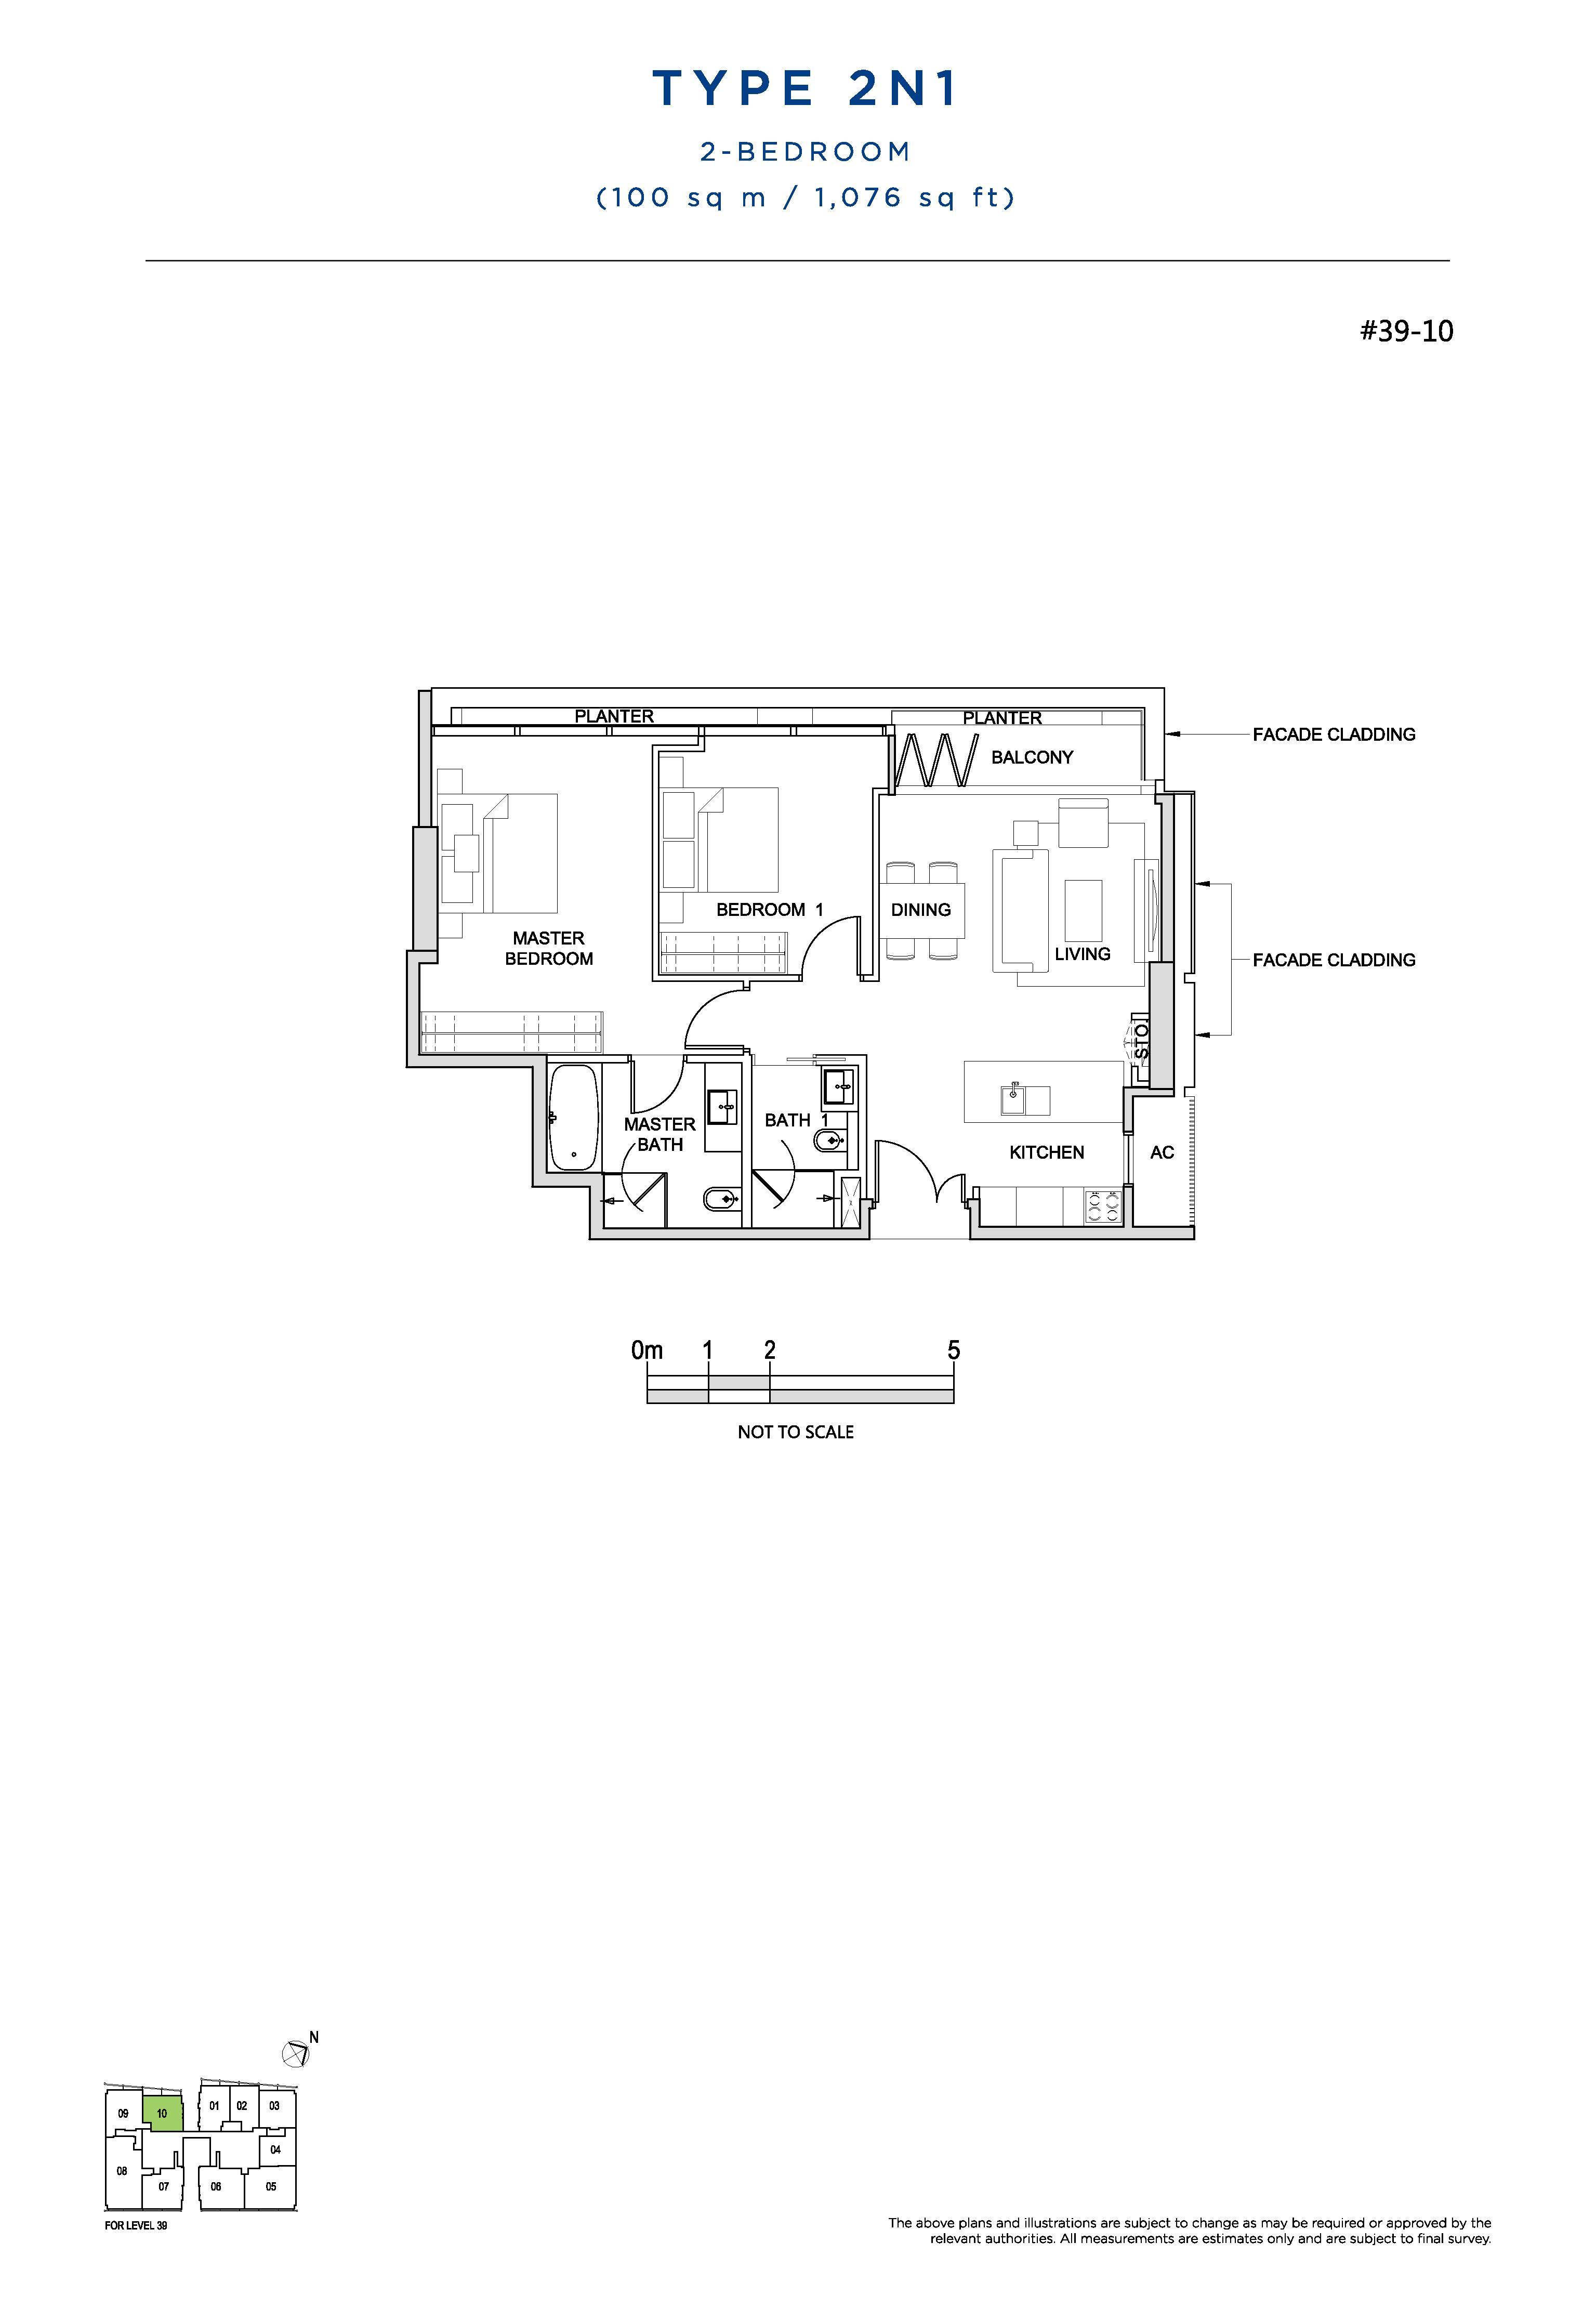 South Beach Residences 2 Bedroom Floor Plans Type 2N1